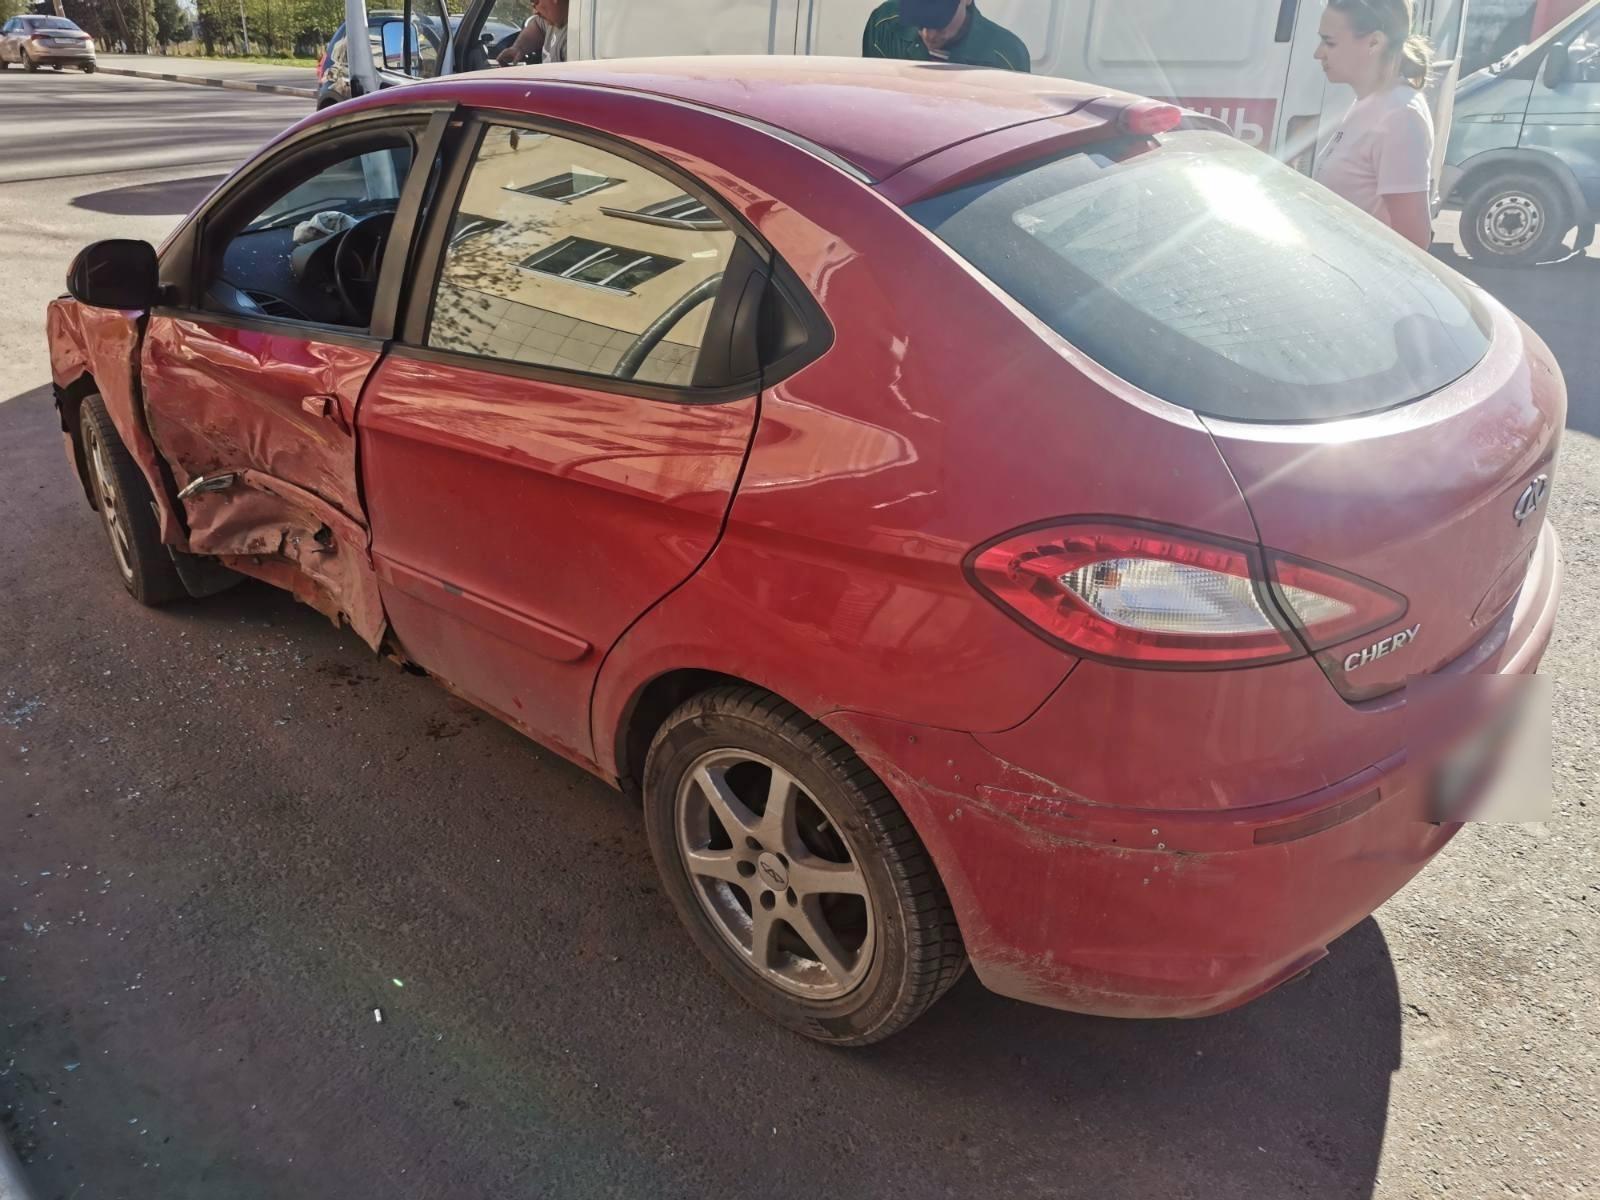 В Ржеве водитель Hyundai получил травмы, не пропустив на перекрестке Chery - новости Афанасий